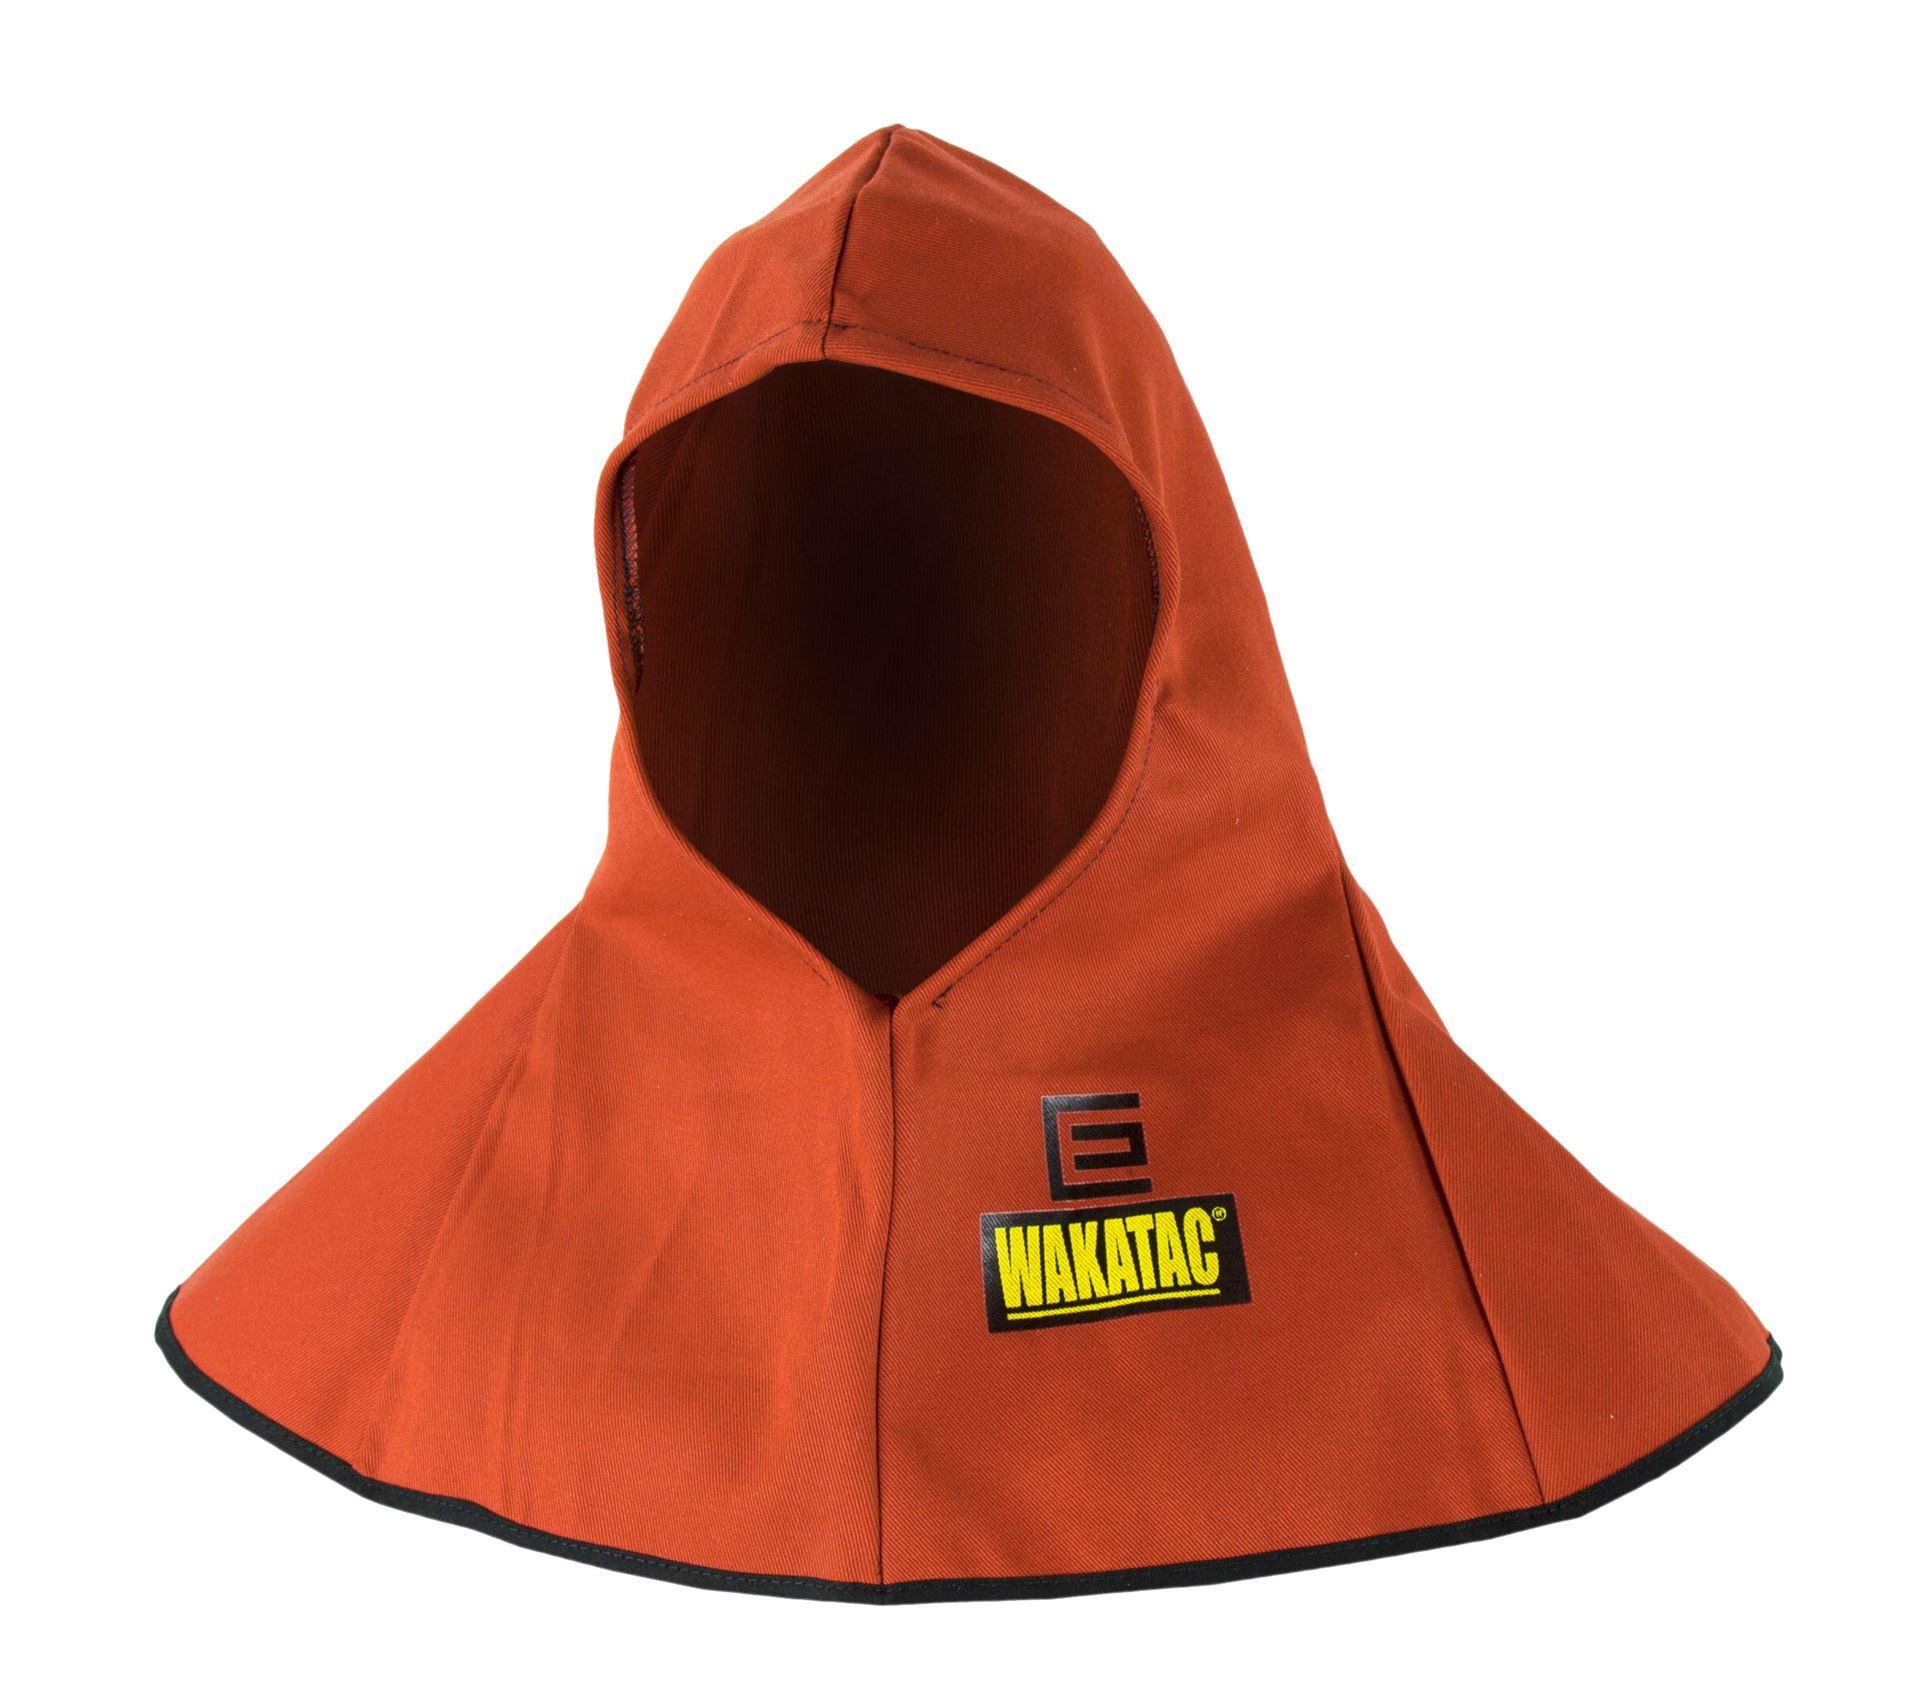 Pelindung kepala welding Hood kulit